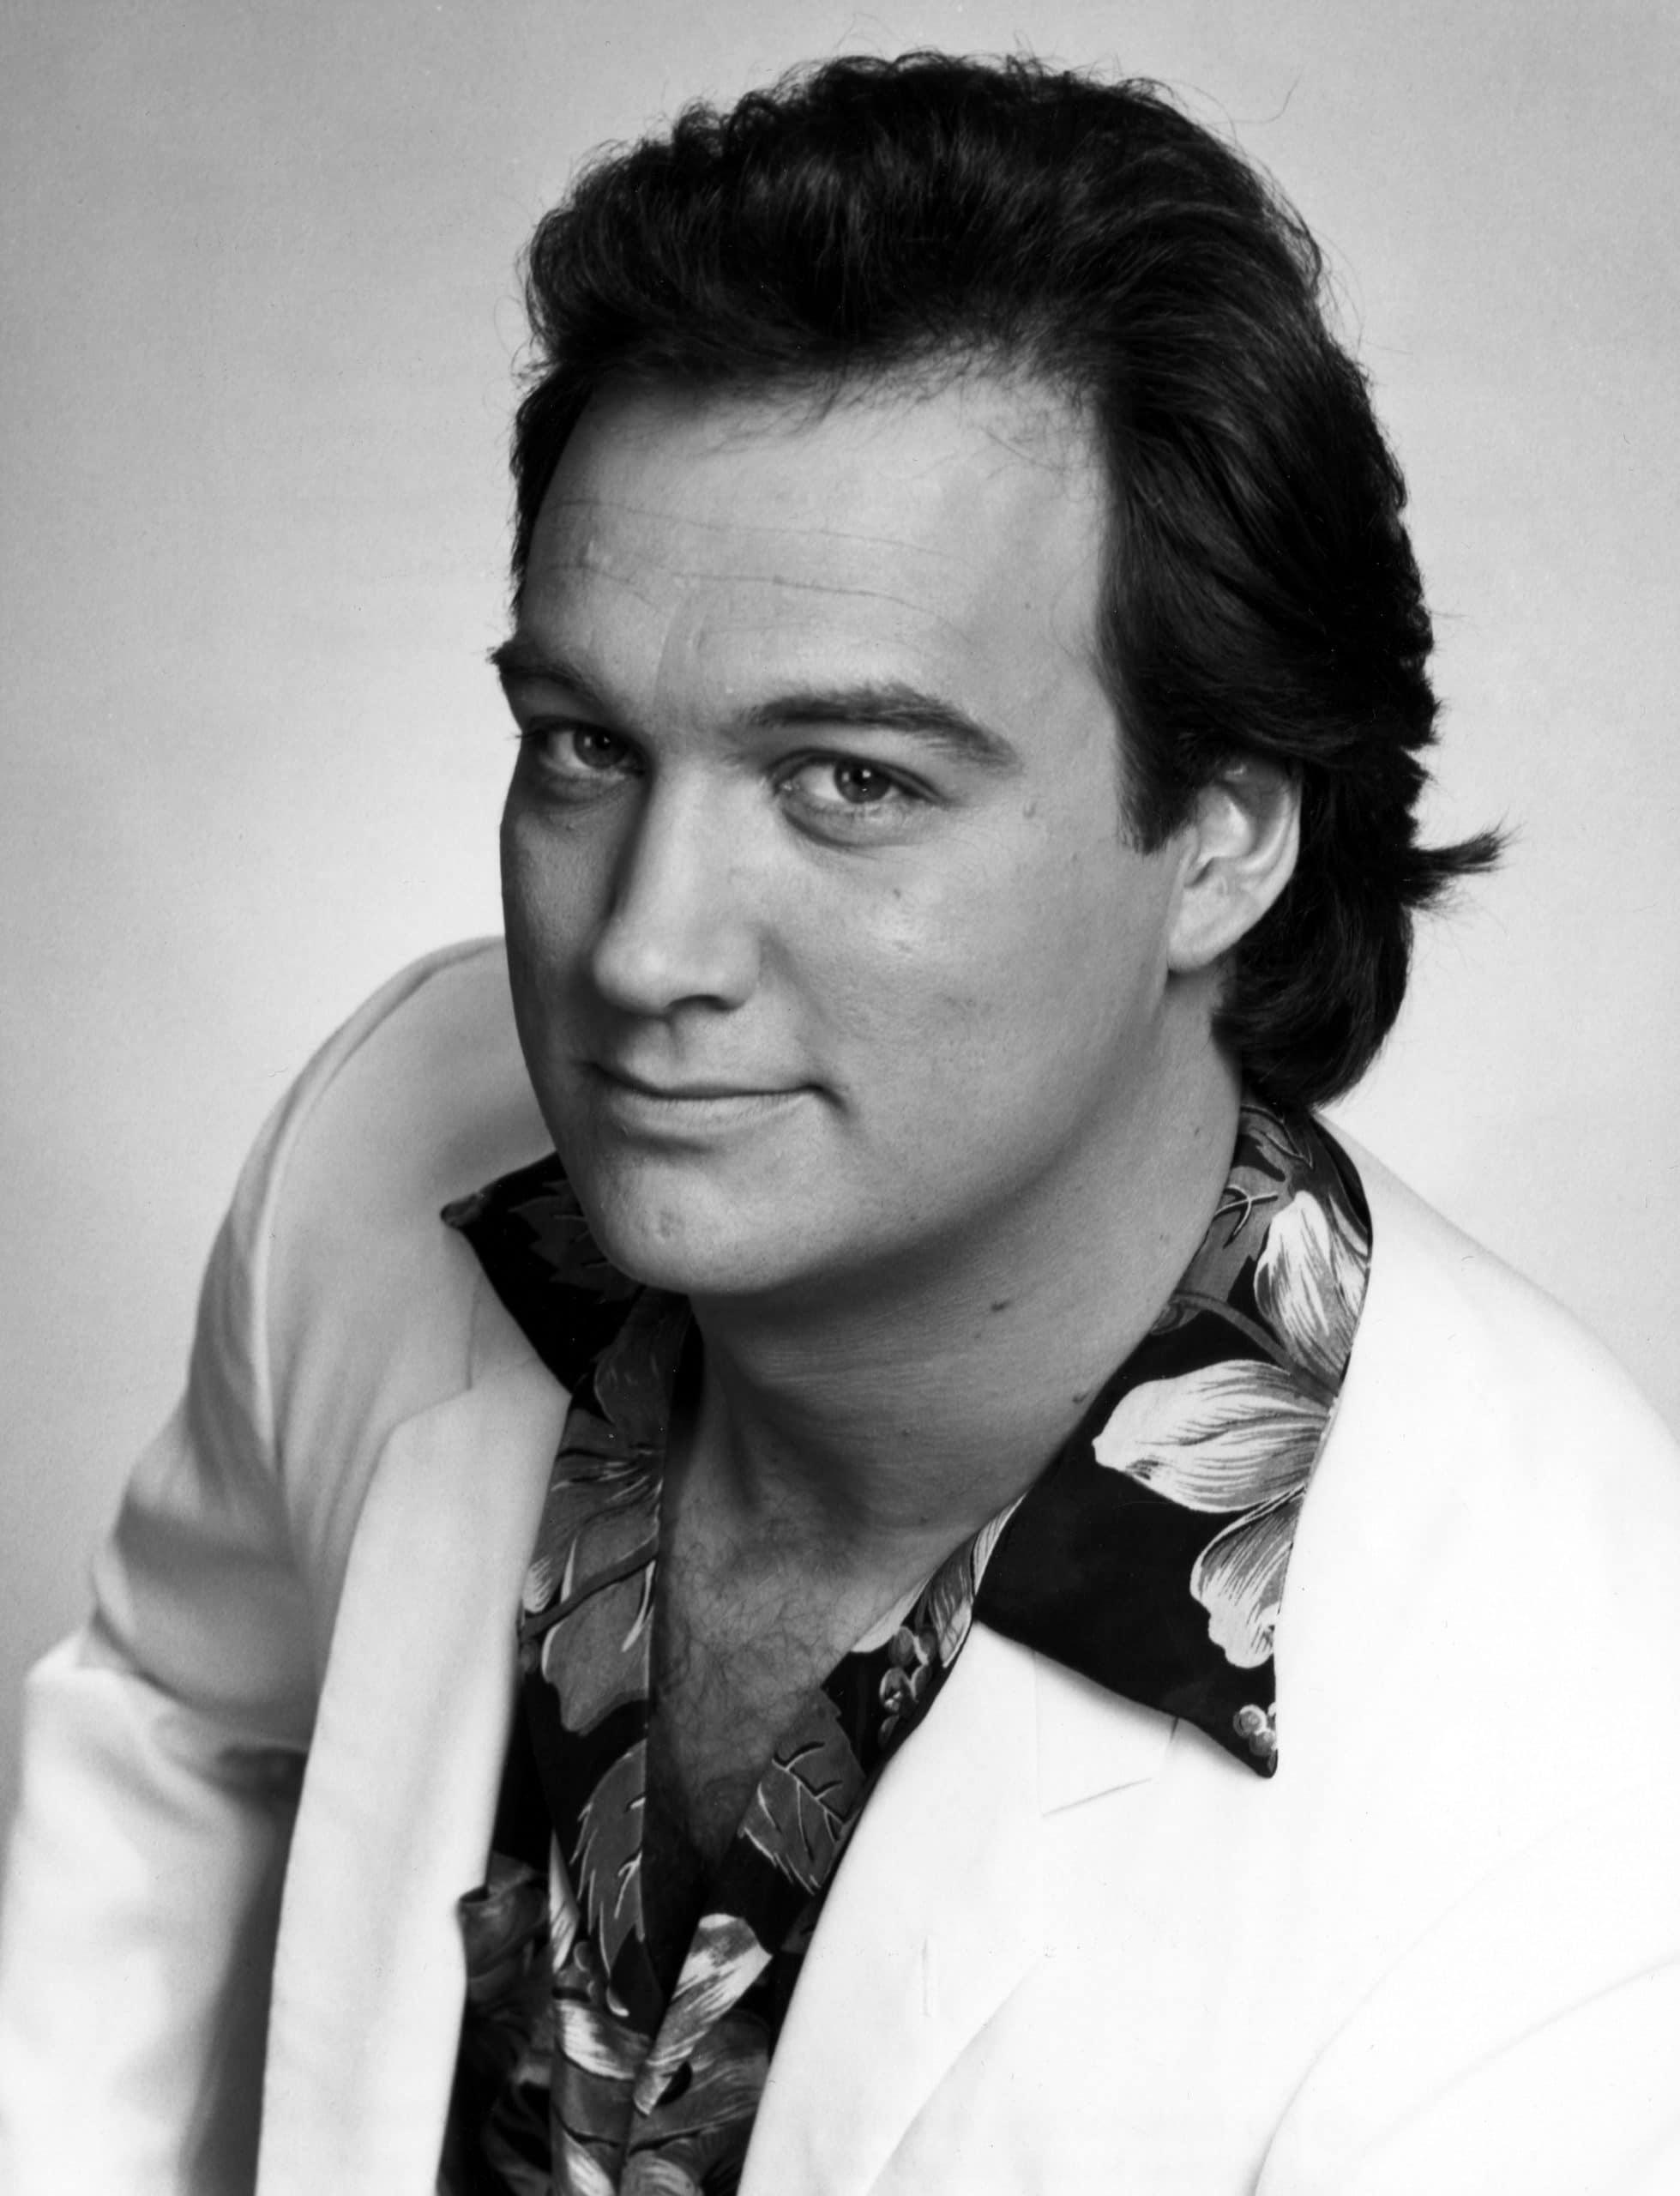 SATURDAY NIGHT LIVE, Jim Belushi, Season 9, 1983